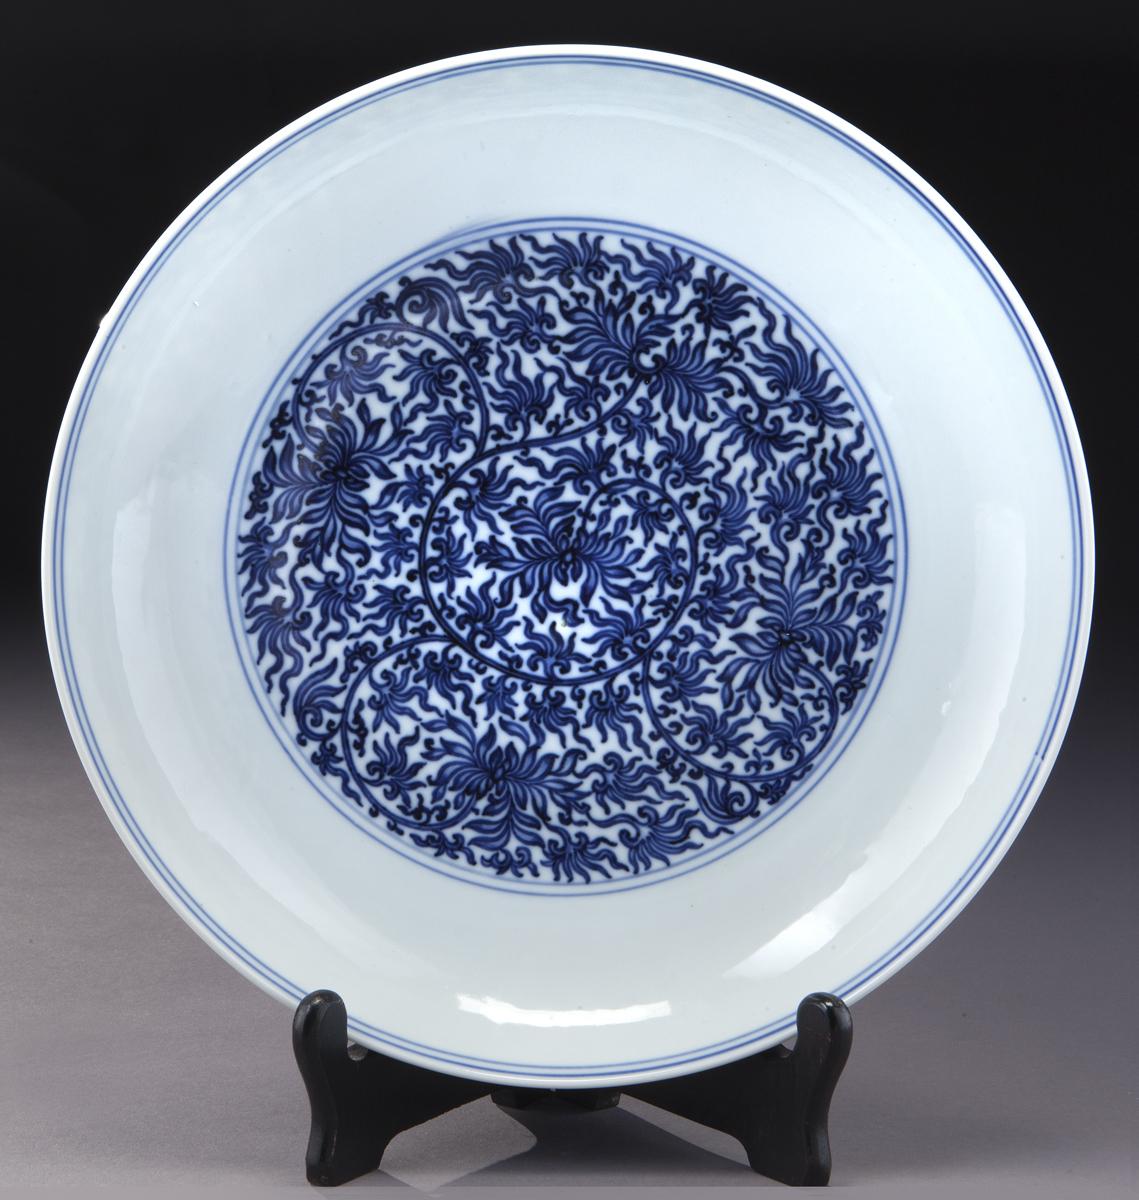 Blauweißer Teller mit Lotos-Dekor, China, Qing-Dynastie, Yongzhen-Periode